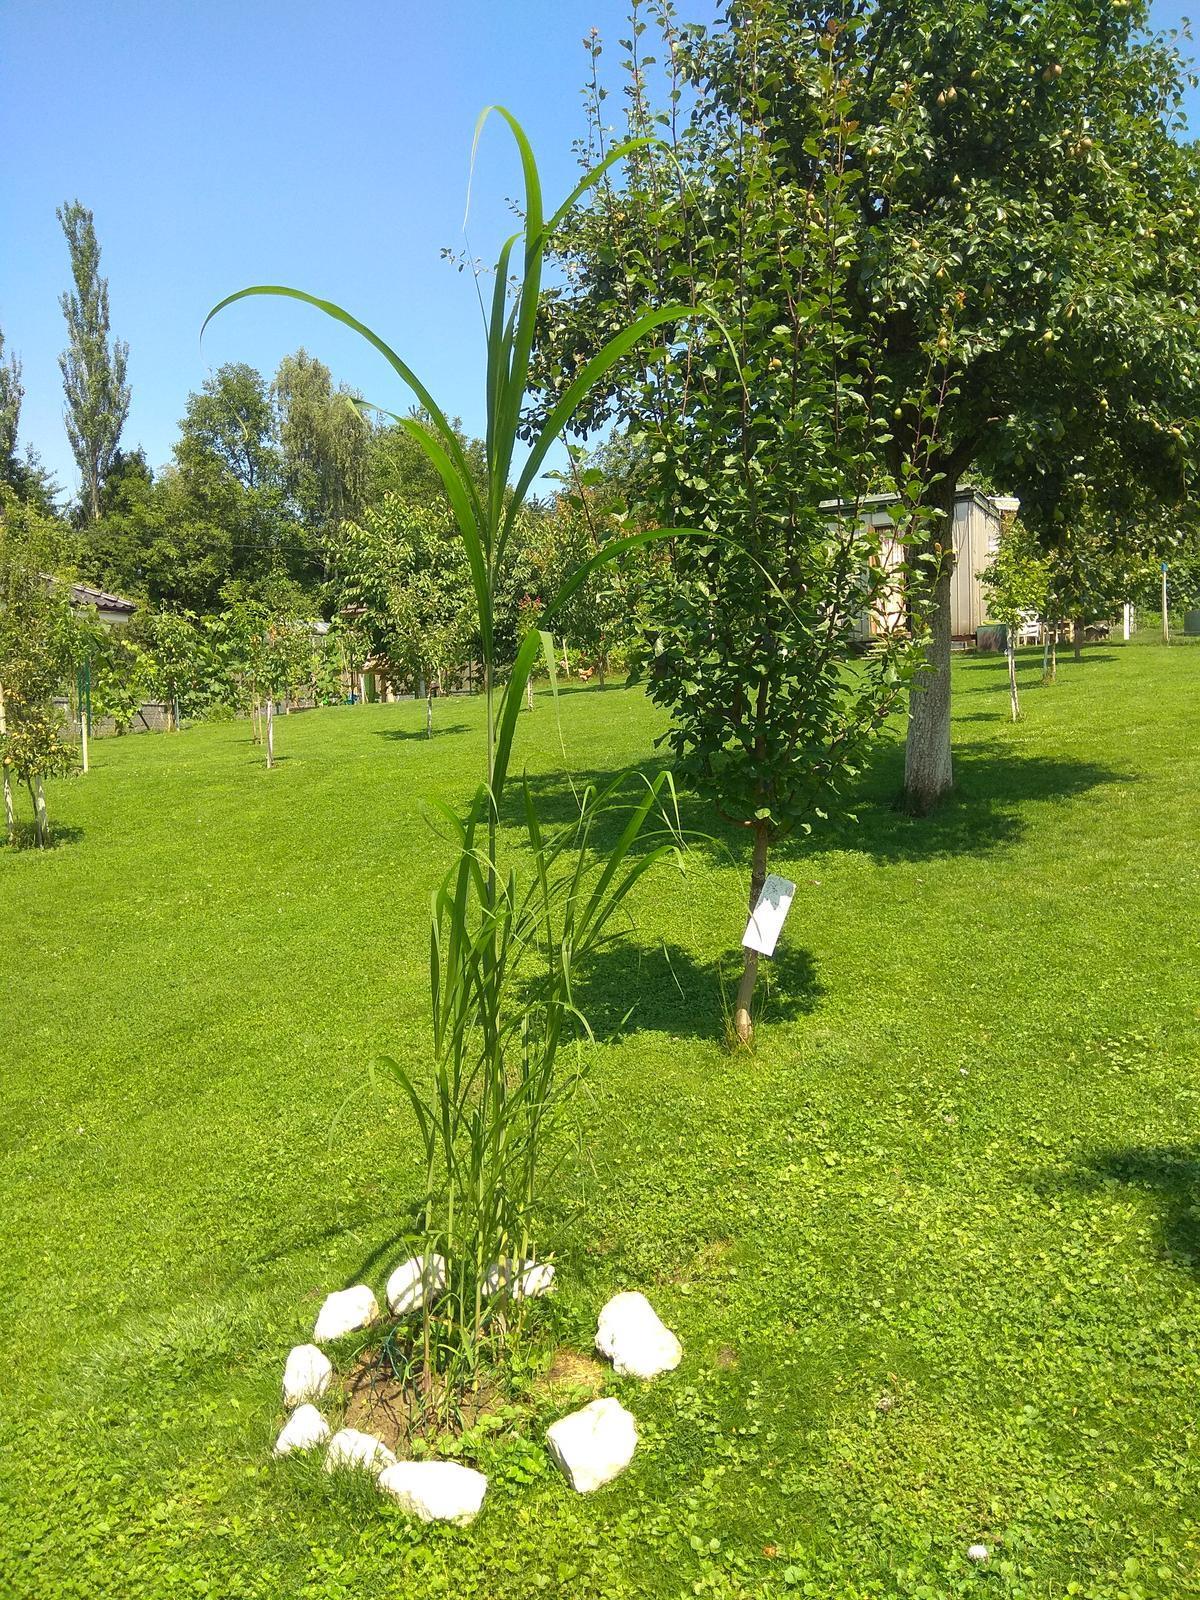 Mrazuvzdorná vysoká tráva - výška až do 5 m - Obrázok č. 2